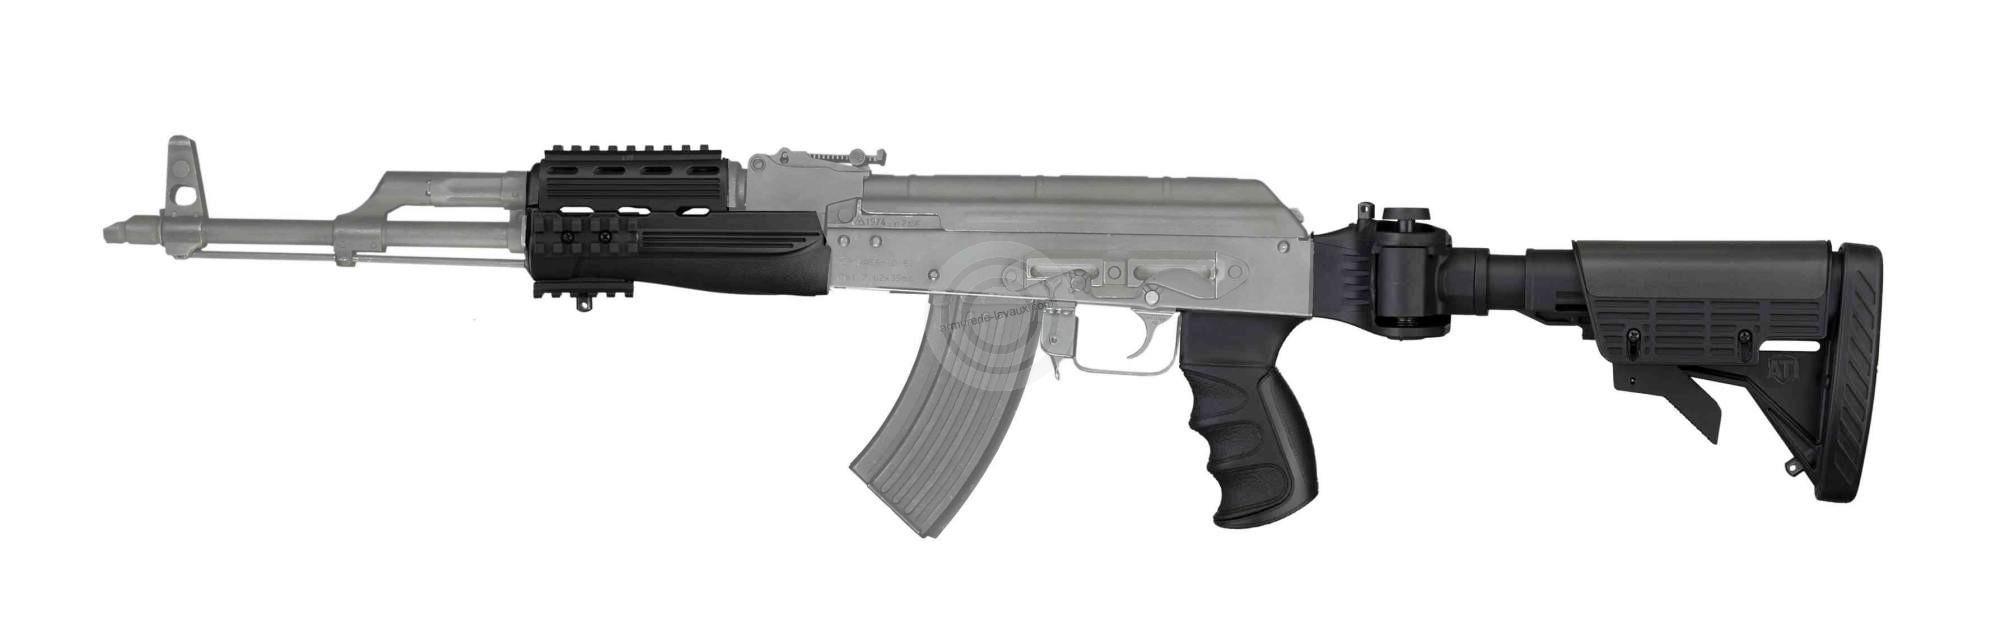 Kit crosse - poignée - garde main en polymère ATI pour AK47